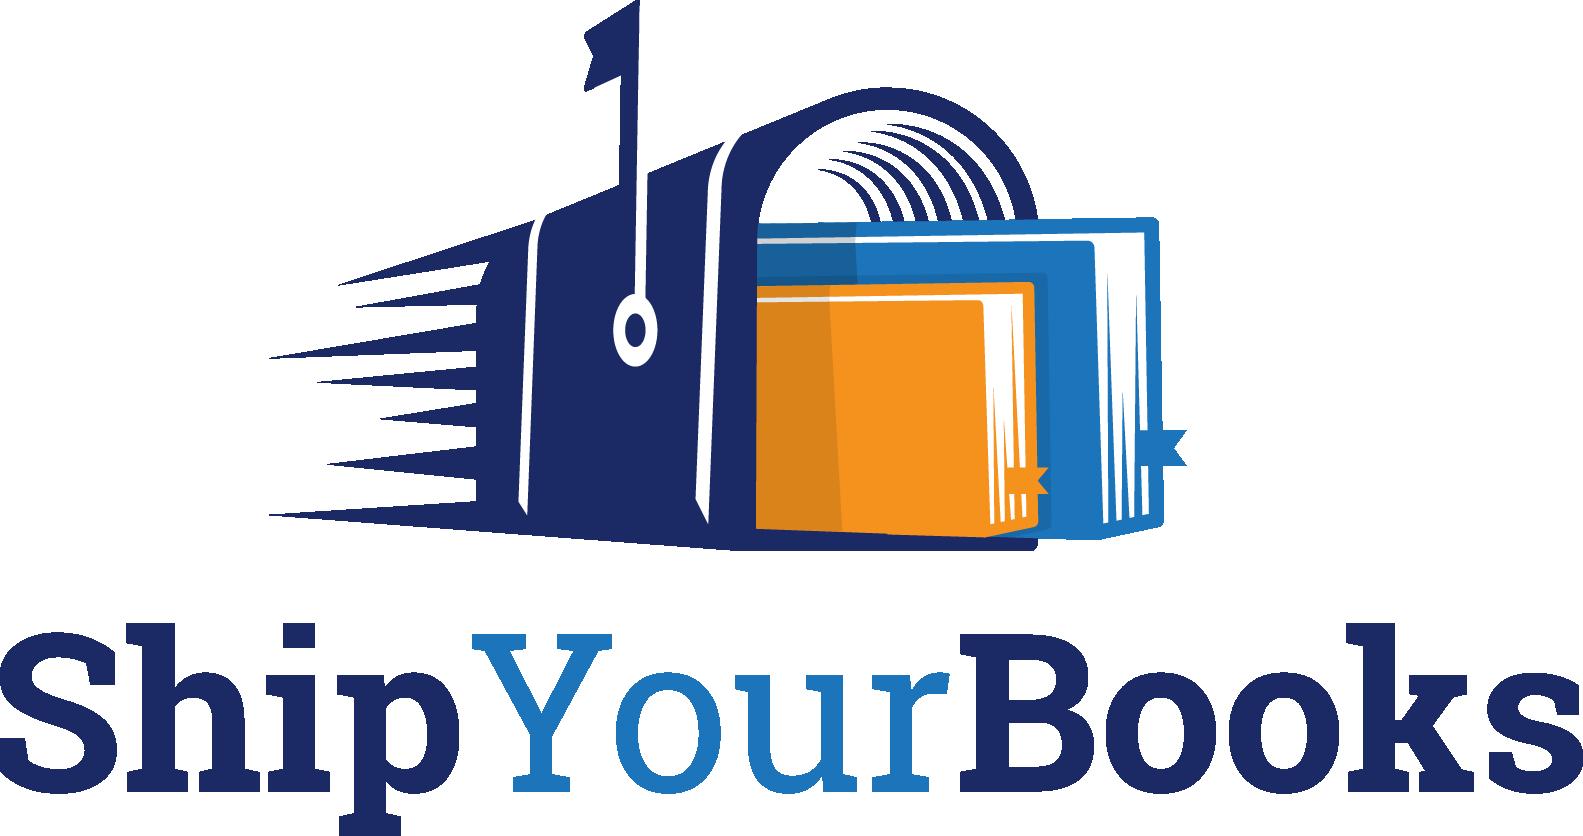 ShipYourBooks.com